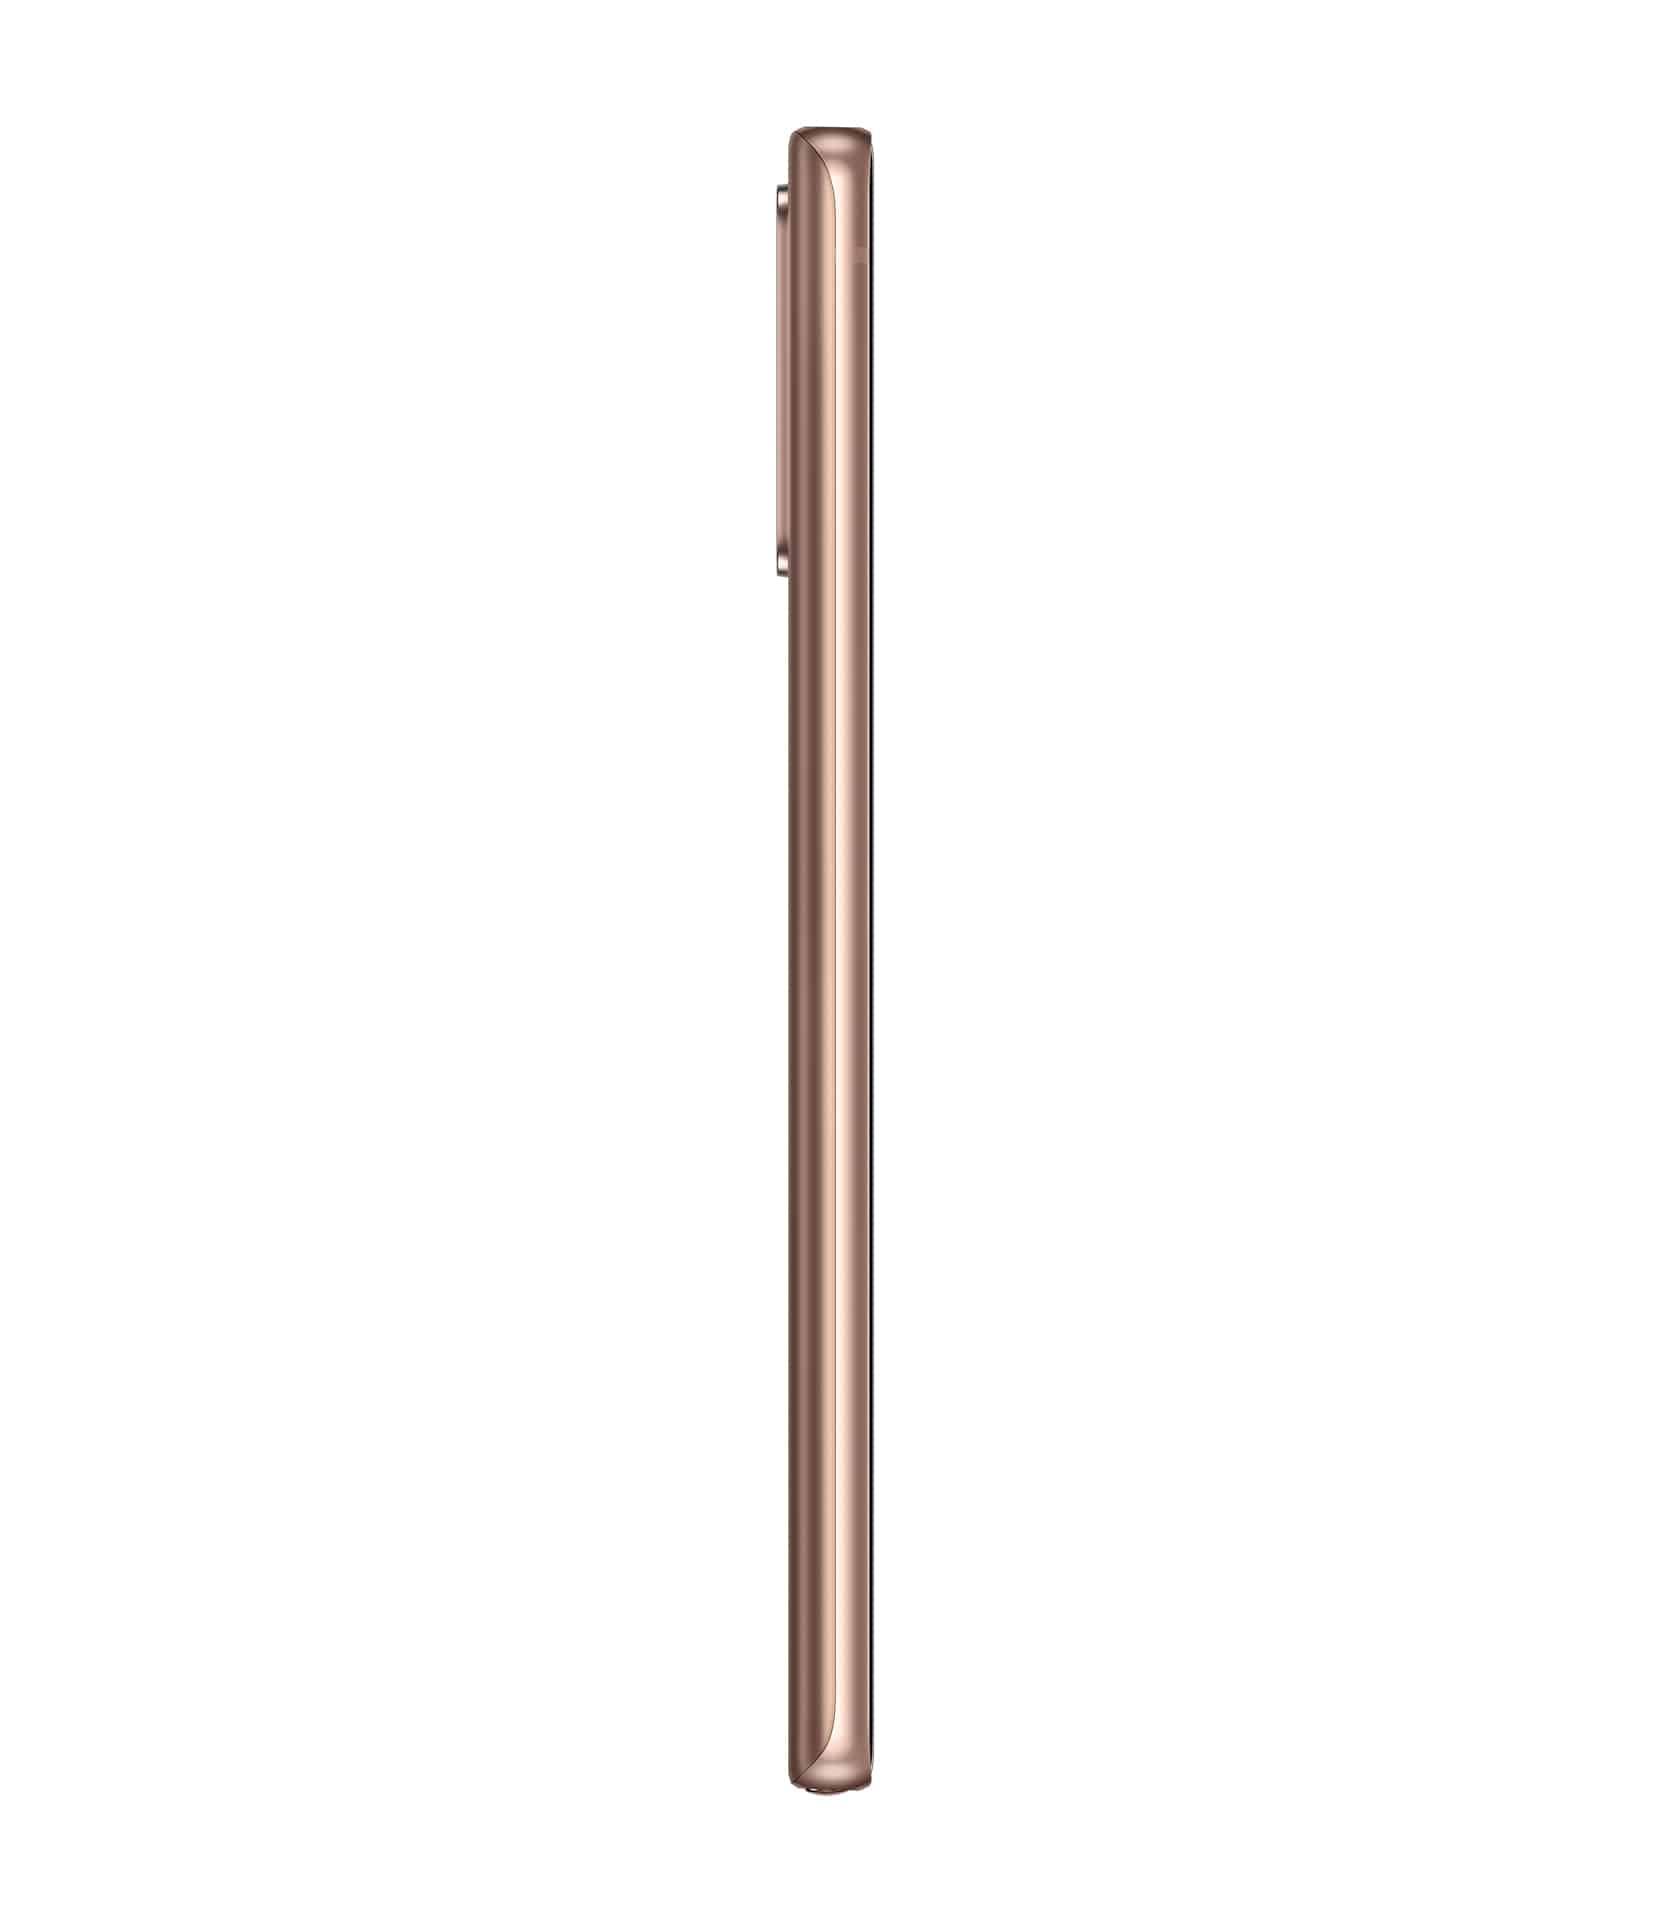 Galaxy Note20 Mystic Bronze Left Profile